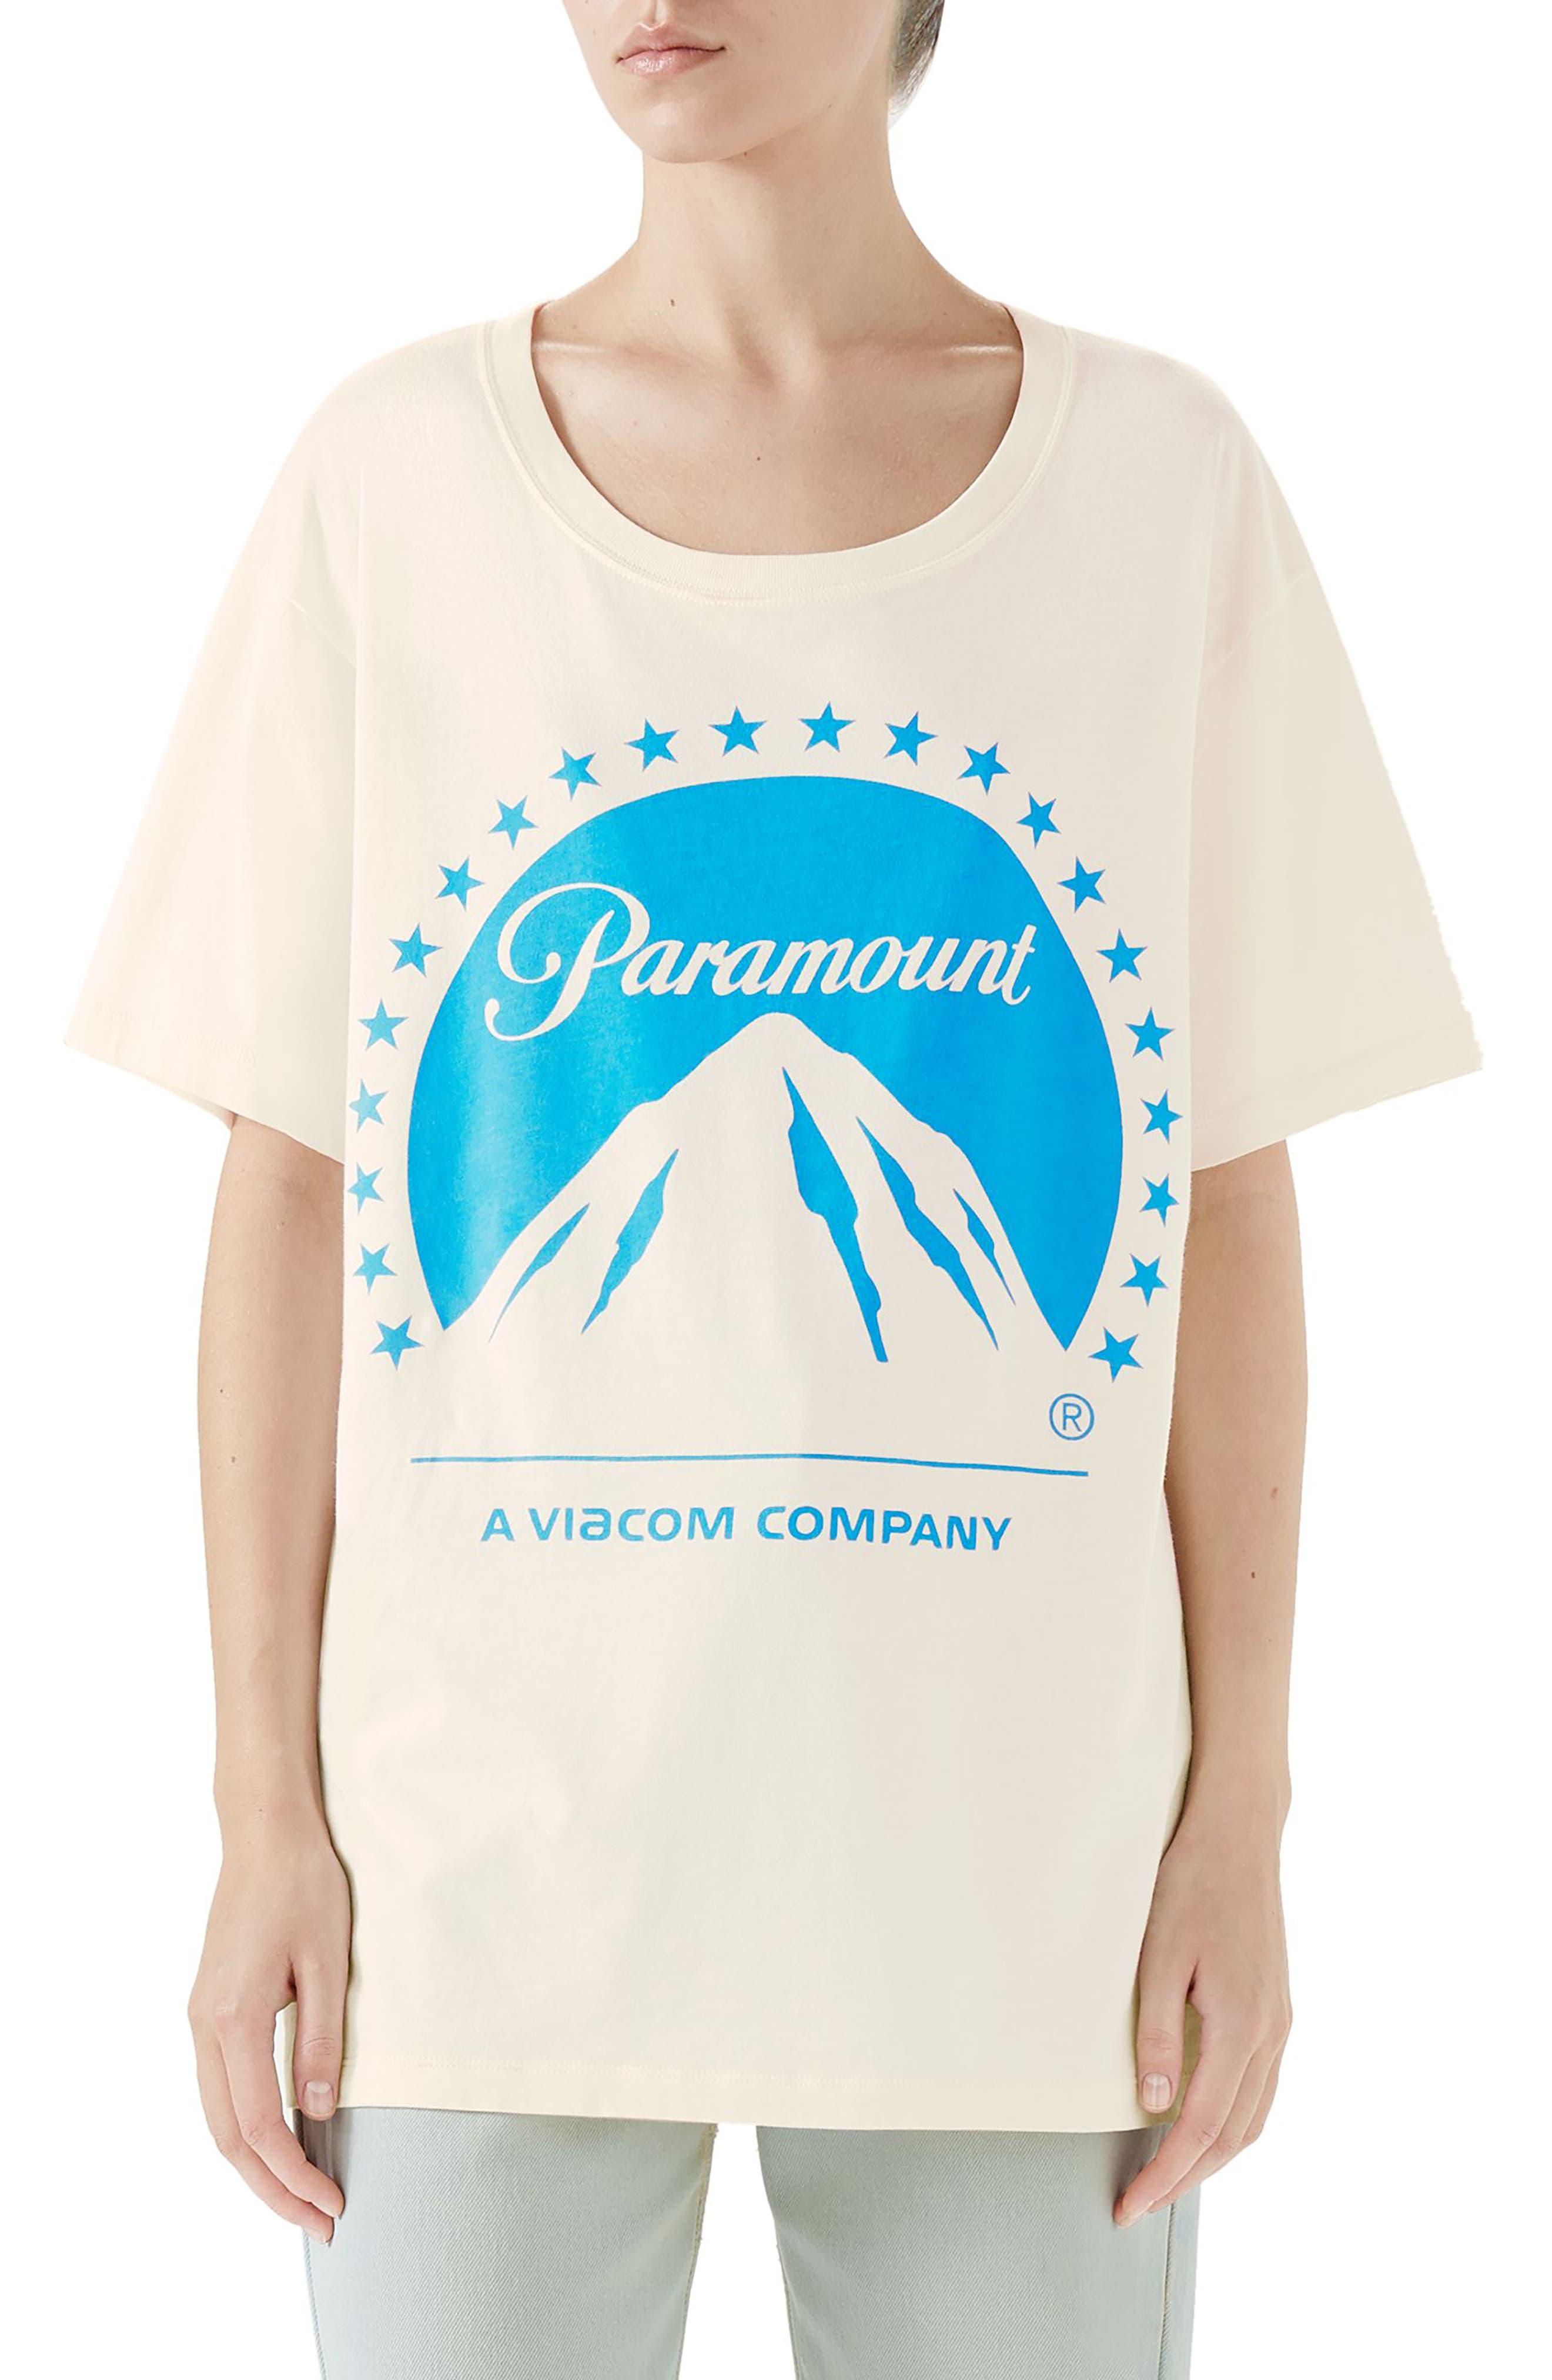 GUCCI,                             Paramount Print Tee,                             Main thumbnail 1, color,                             IVORY